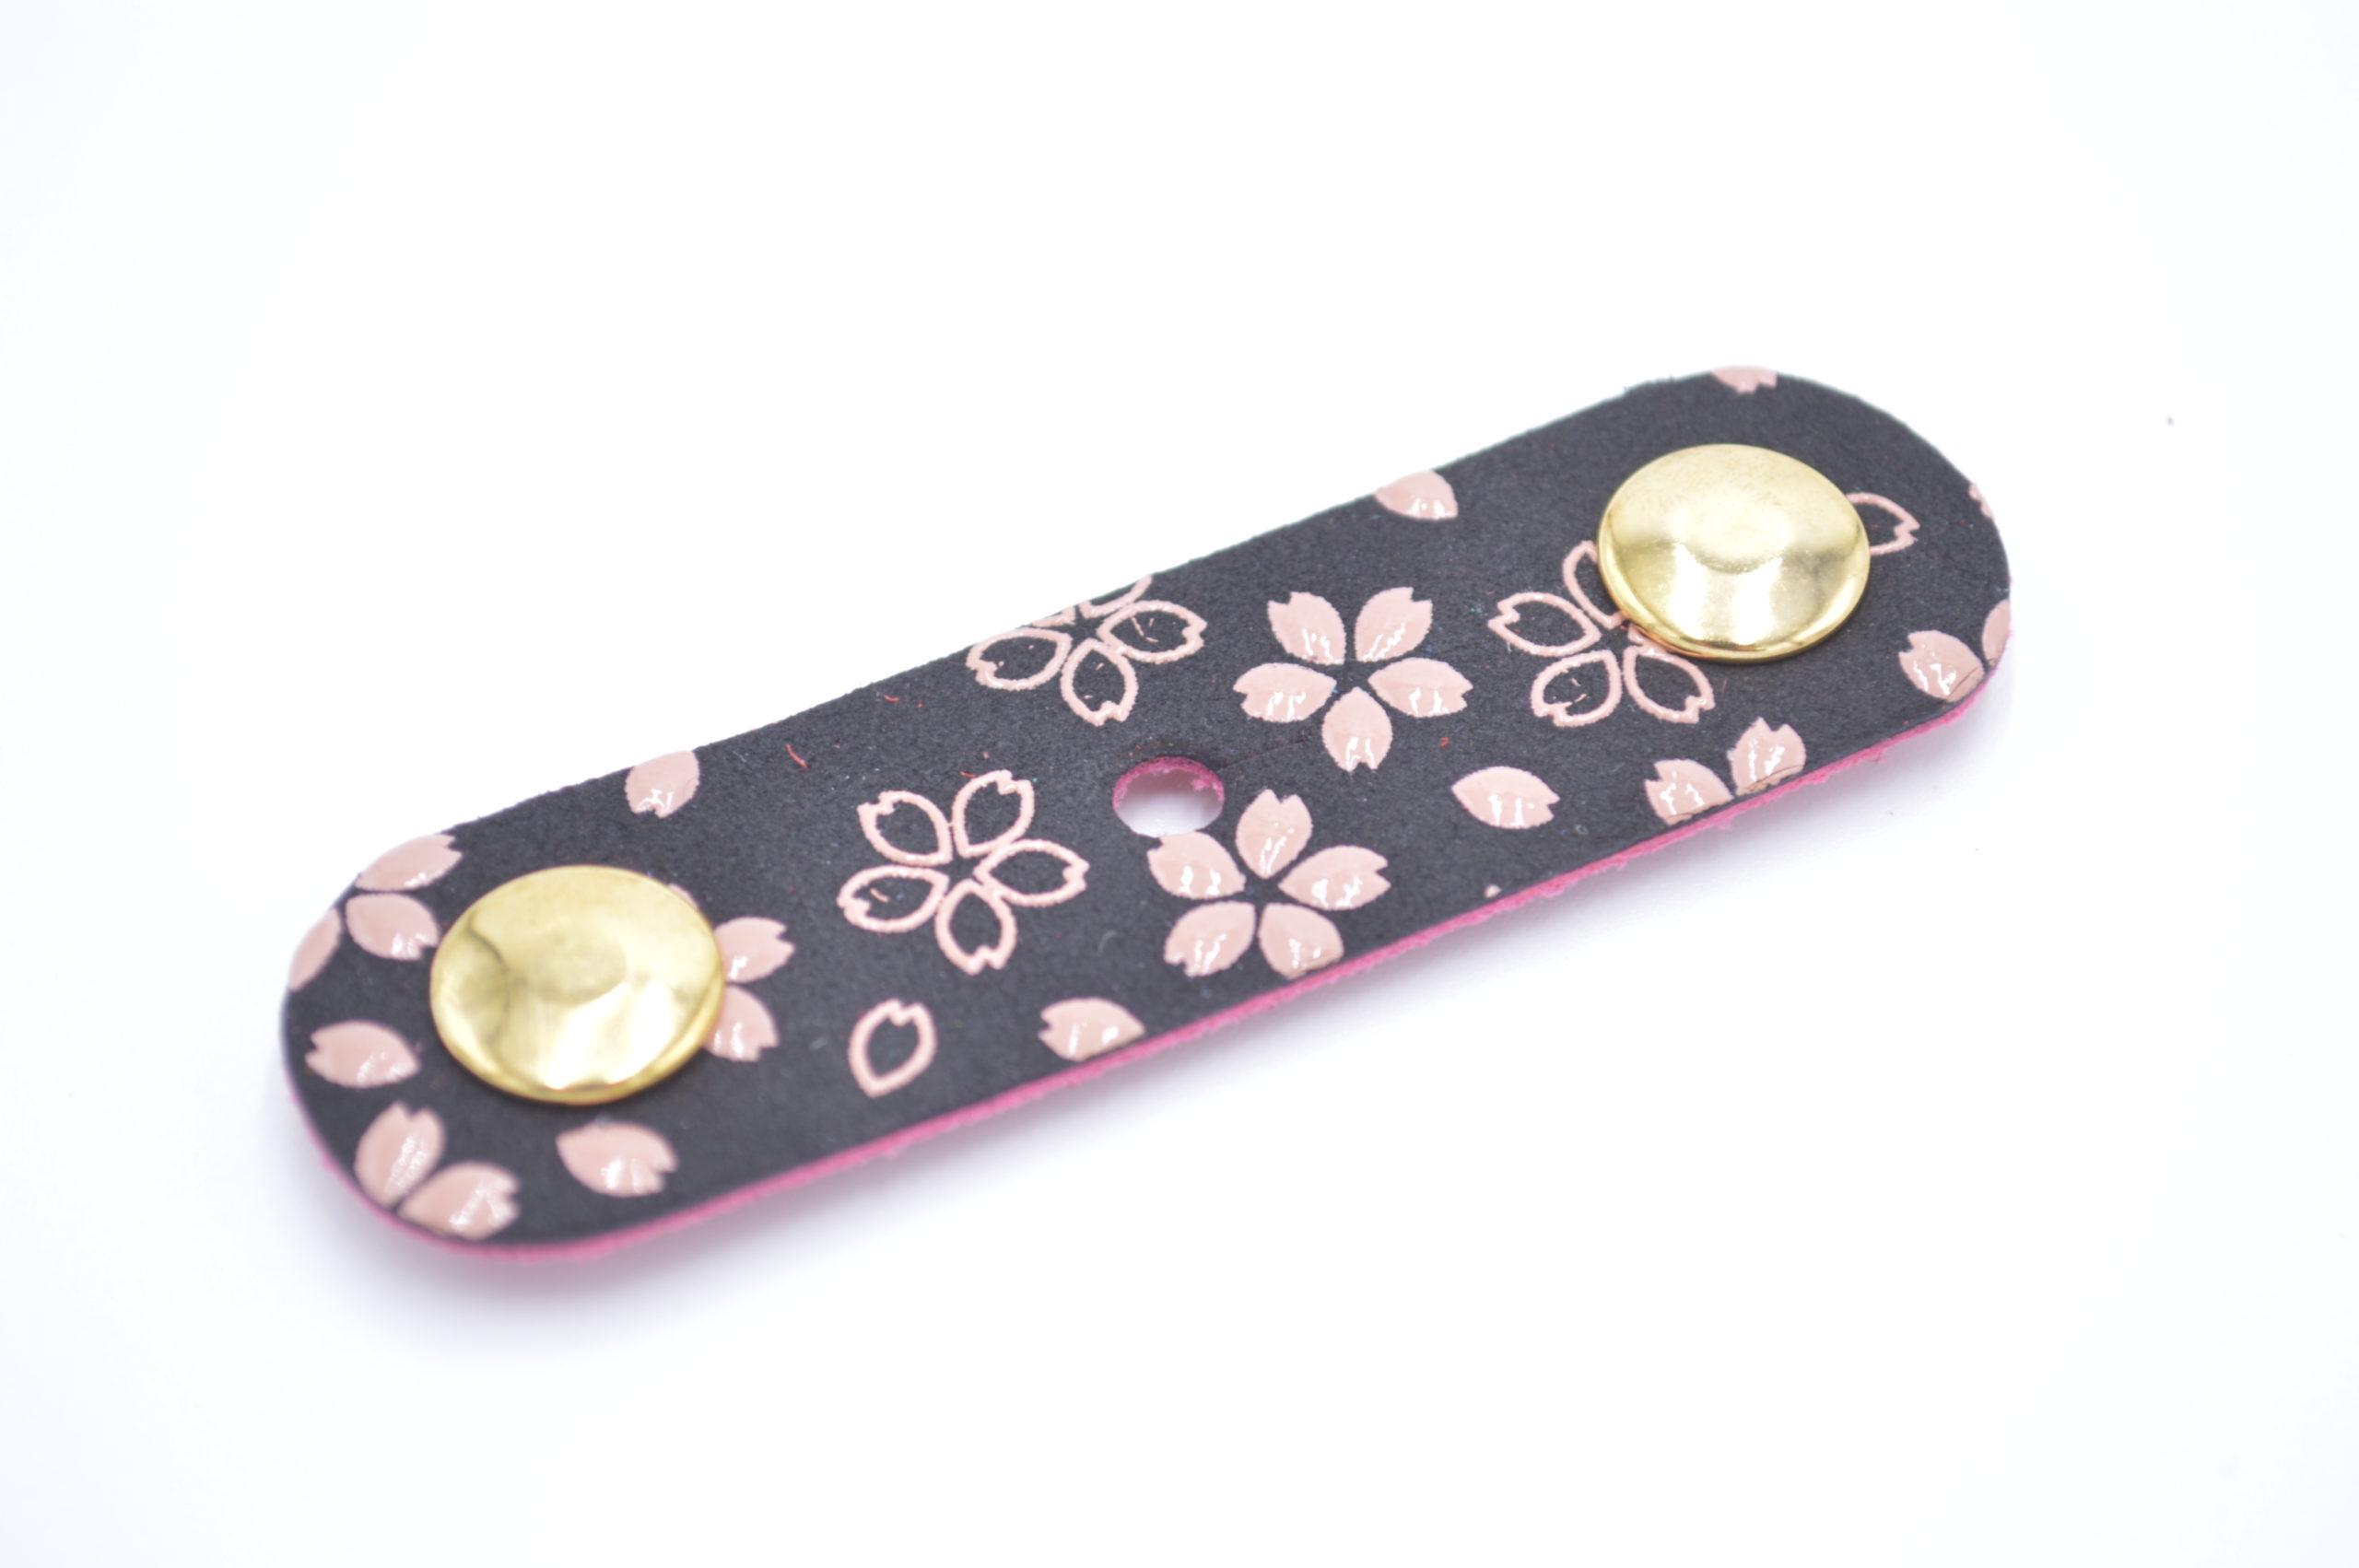 コードホルダー 黒/ピンク 桜柄